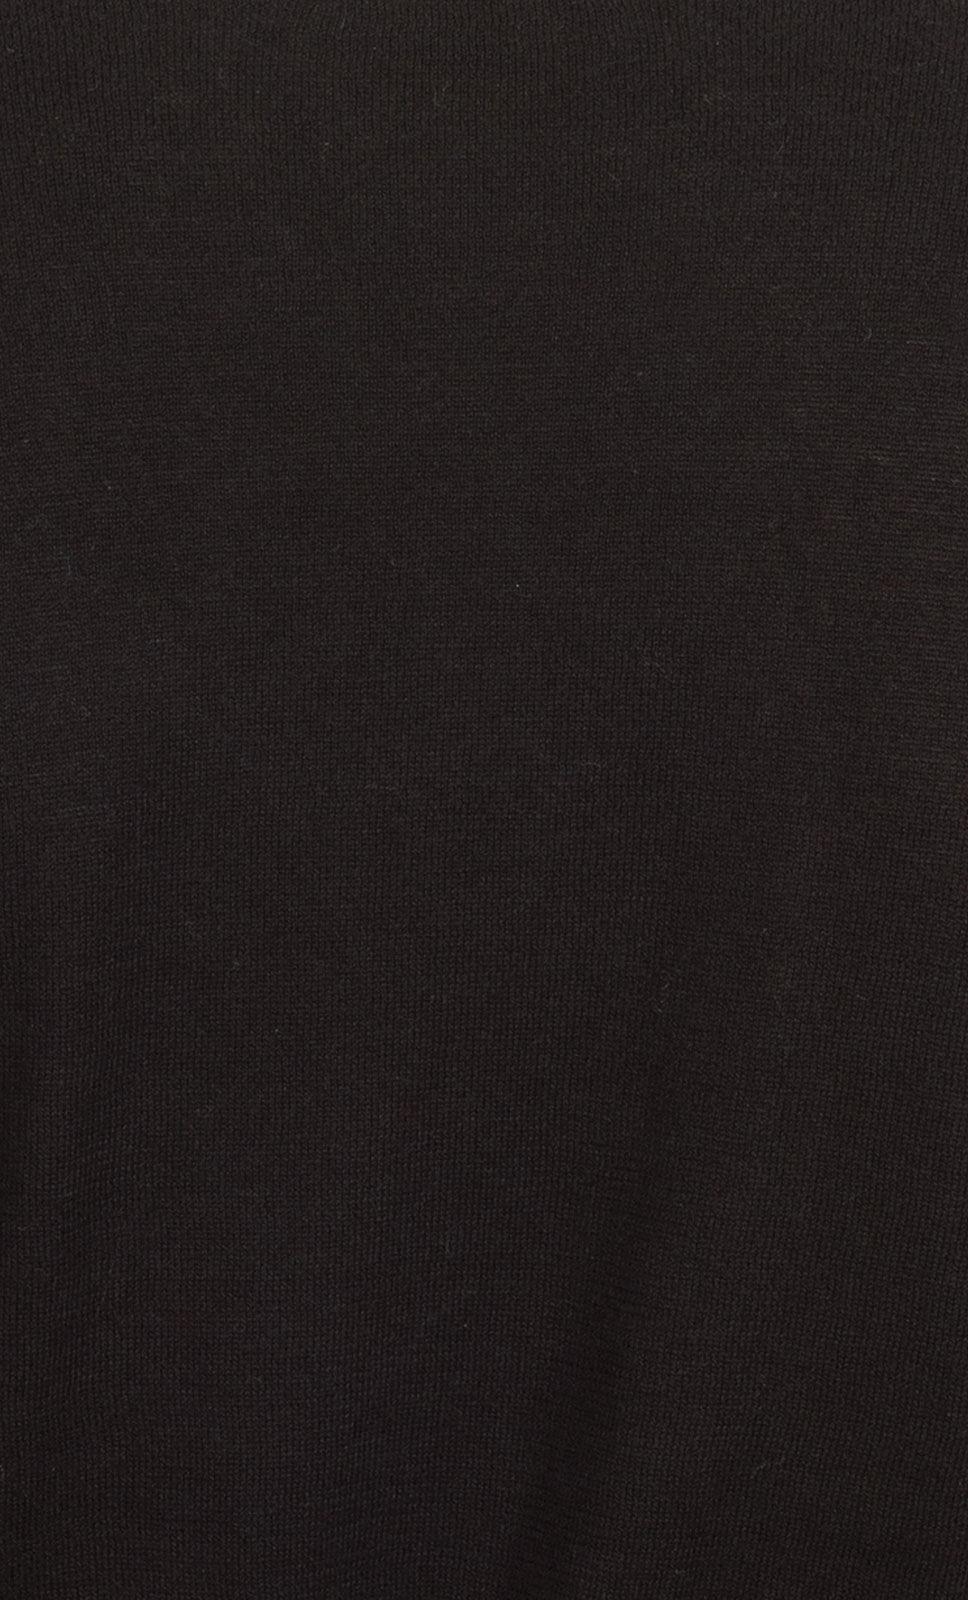 Cottonclub-Black